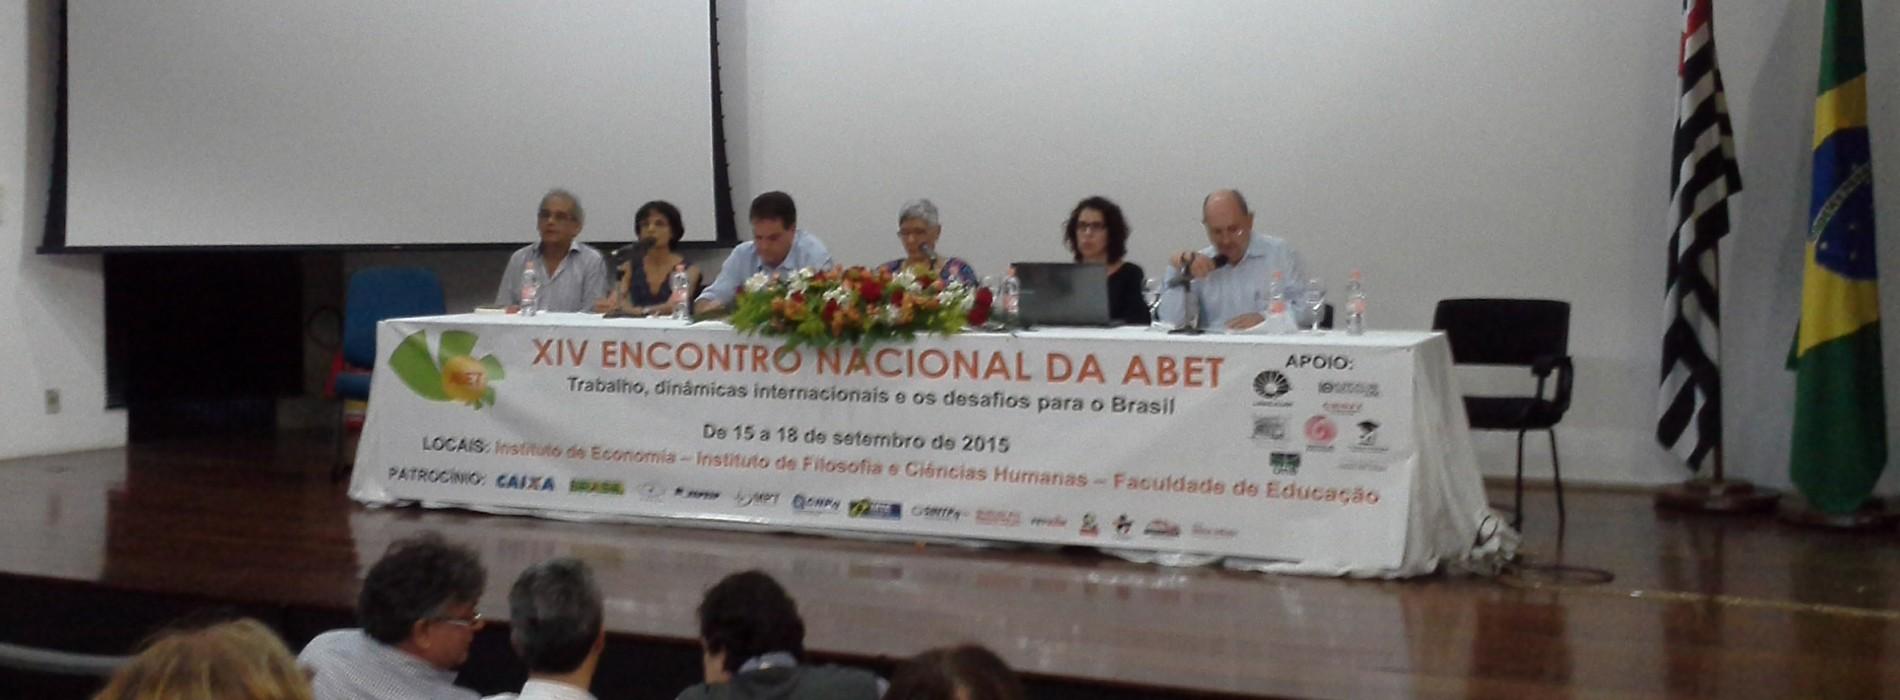 Encontro Nacional da ABET na Unicamp debate o mundo do trabalho